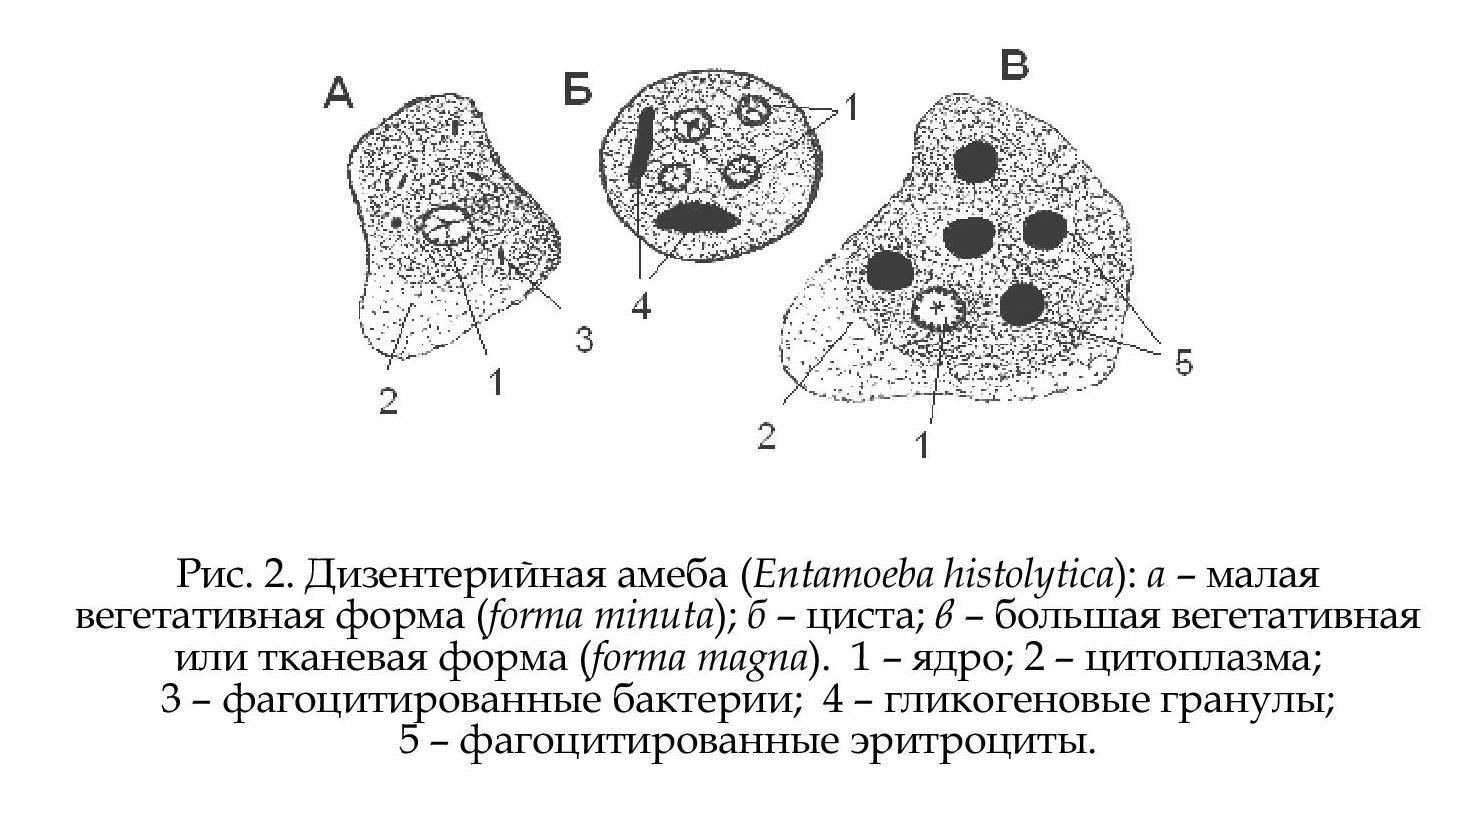 Строение и жизненный цикл дизентерийной амебы